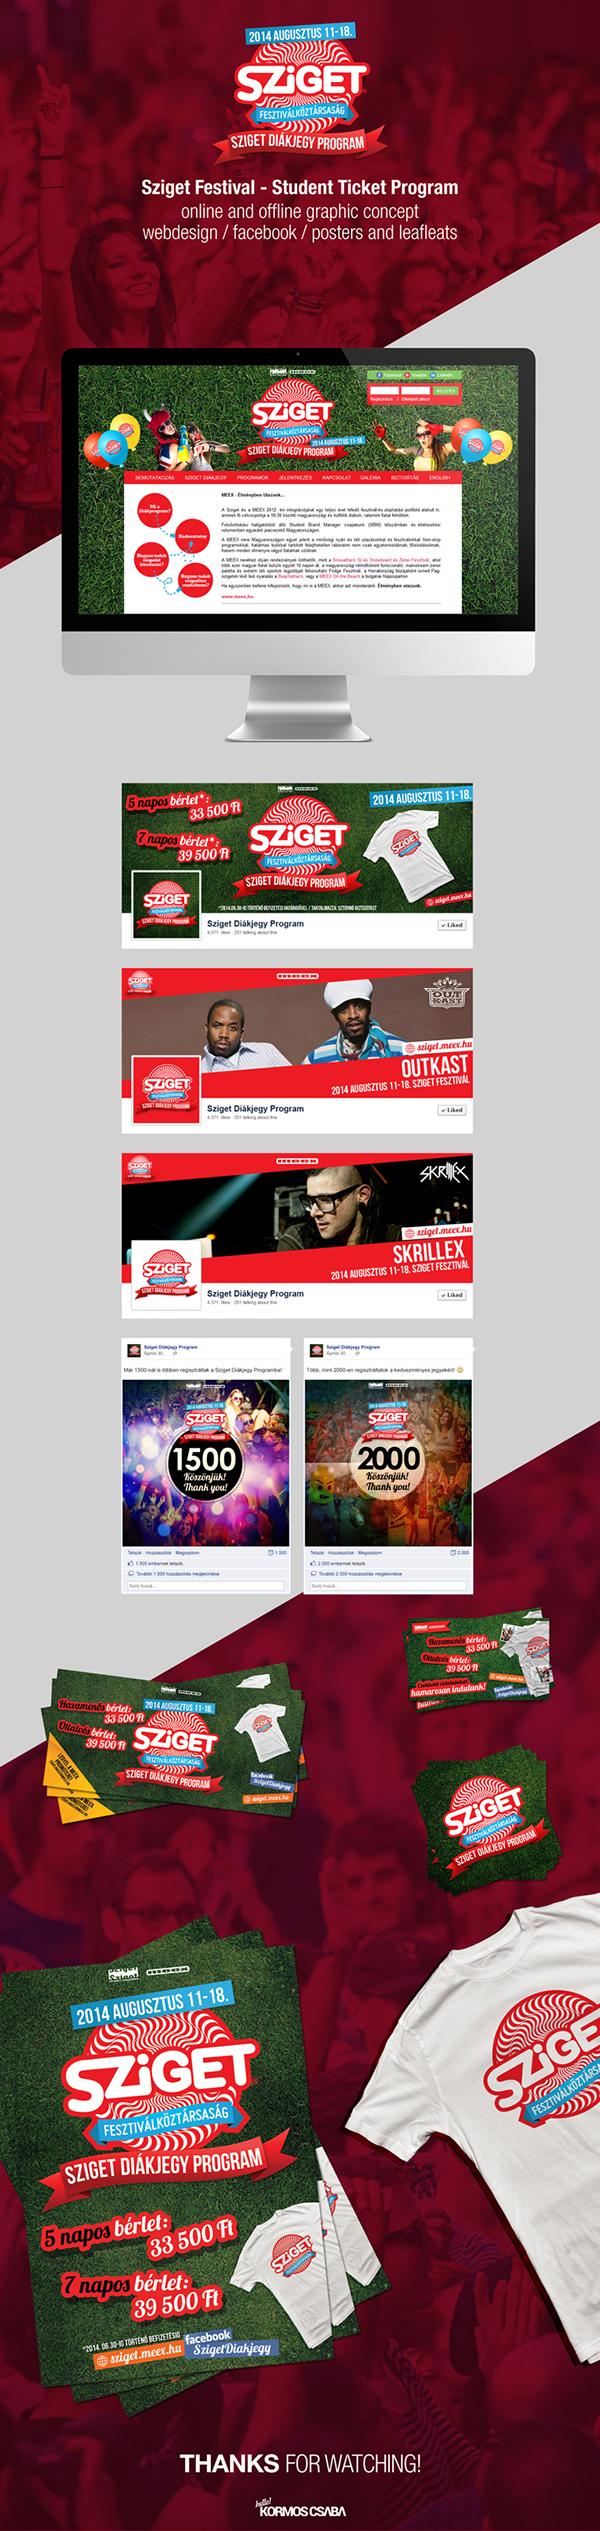 sziget festival flyer Webdesign t-shirt poster leafleat facebook cover timeline skrillex Outkast sticker budapest party